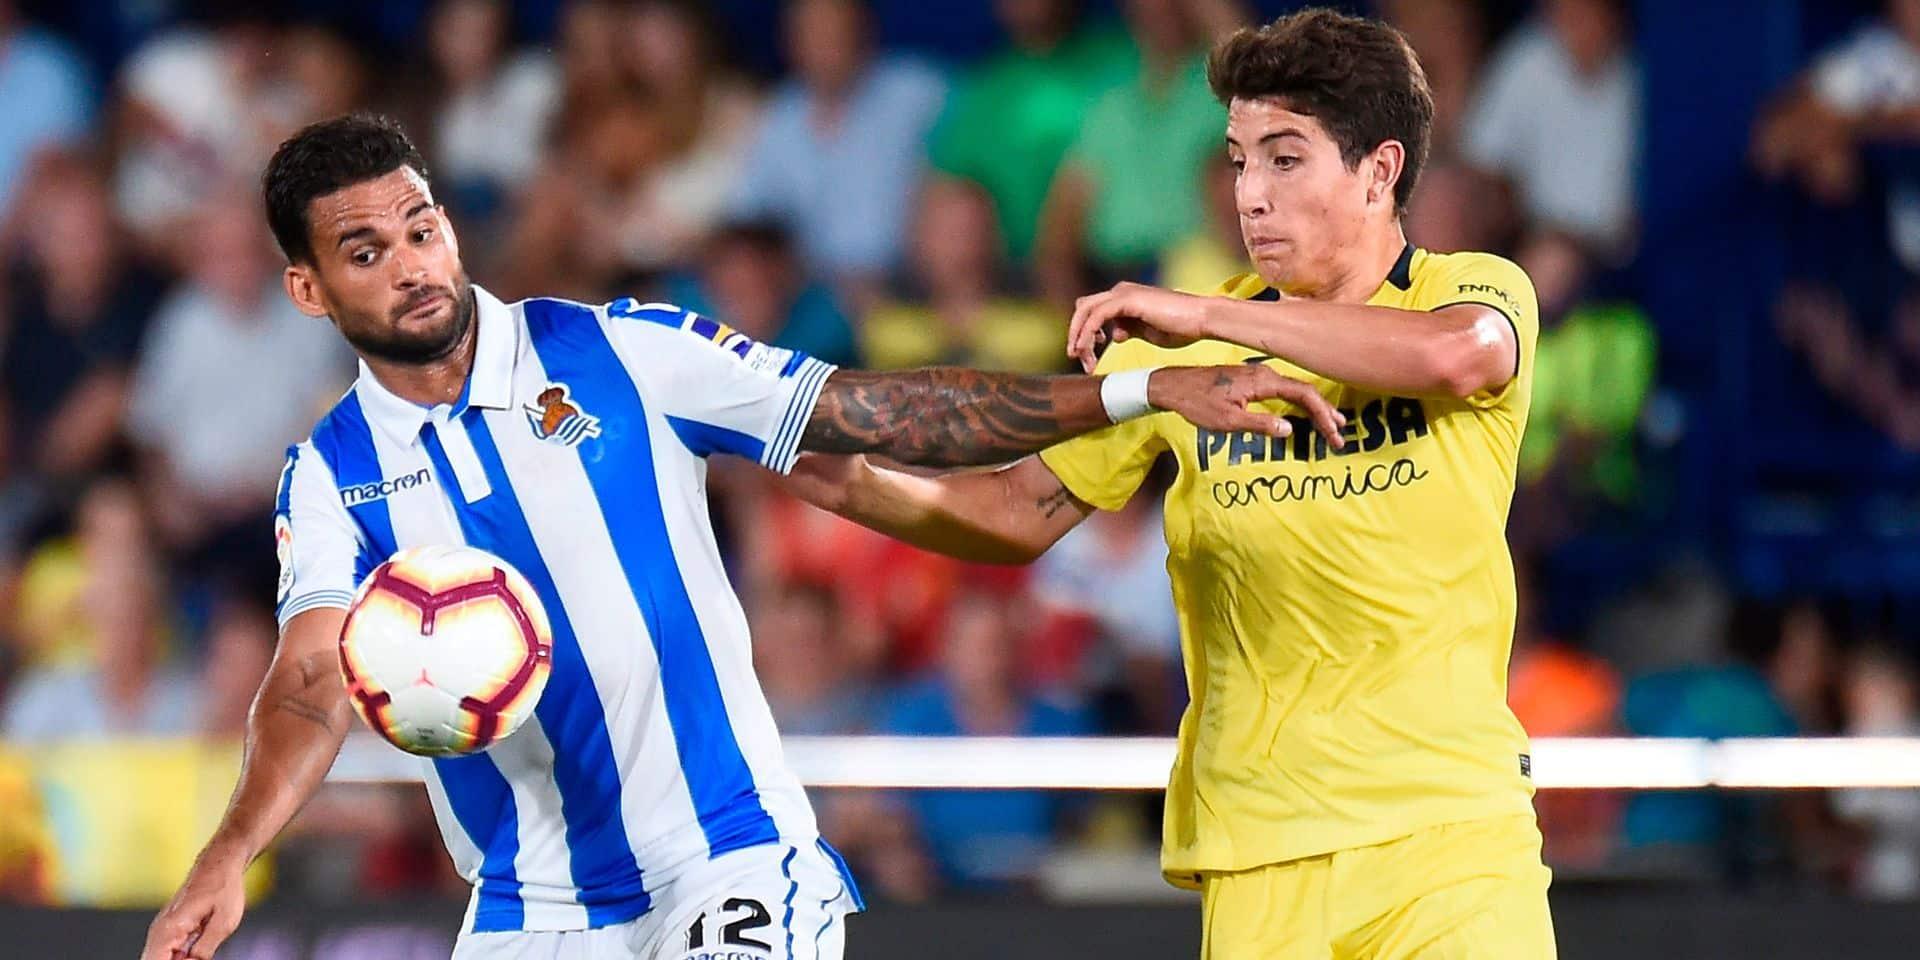 Liga: La Real Sociedad en échec à Leganes, mais leader